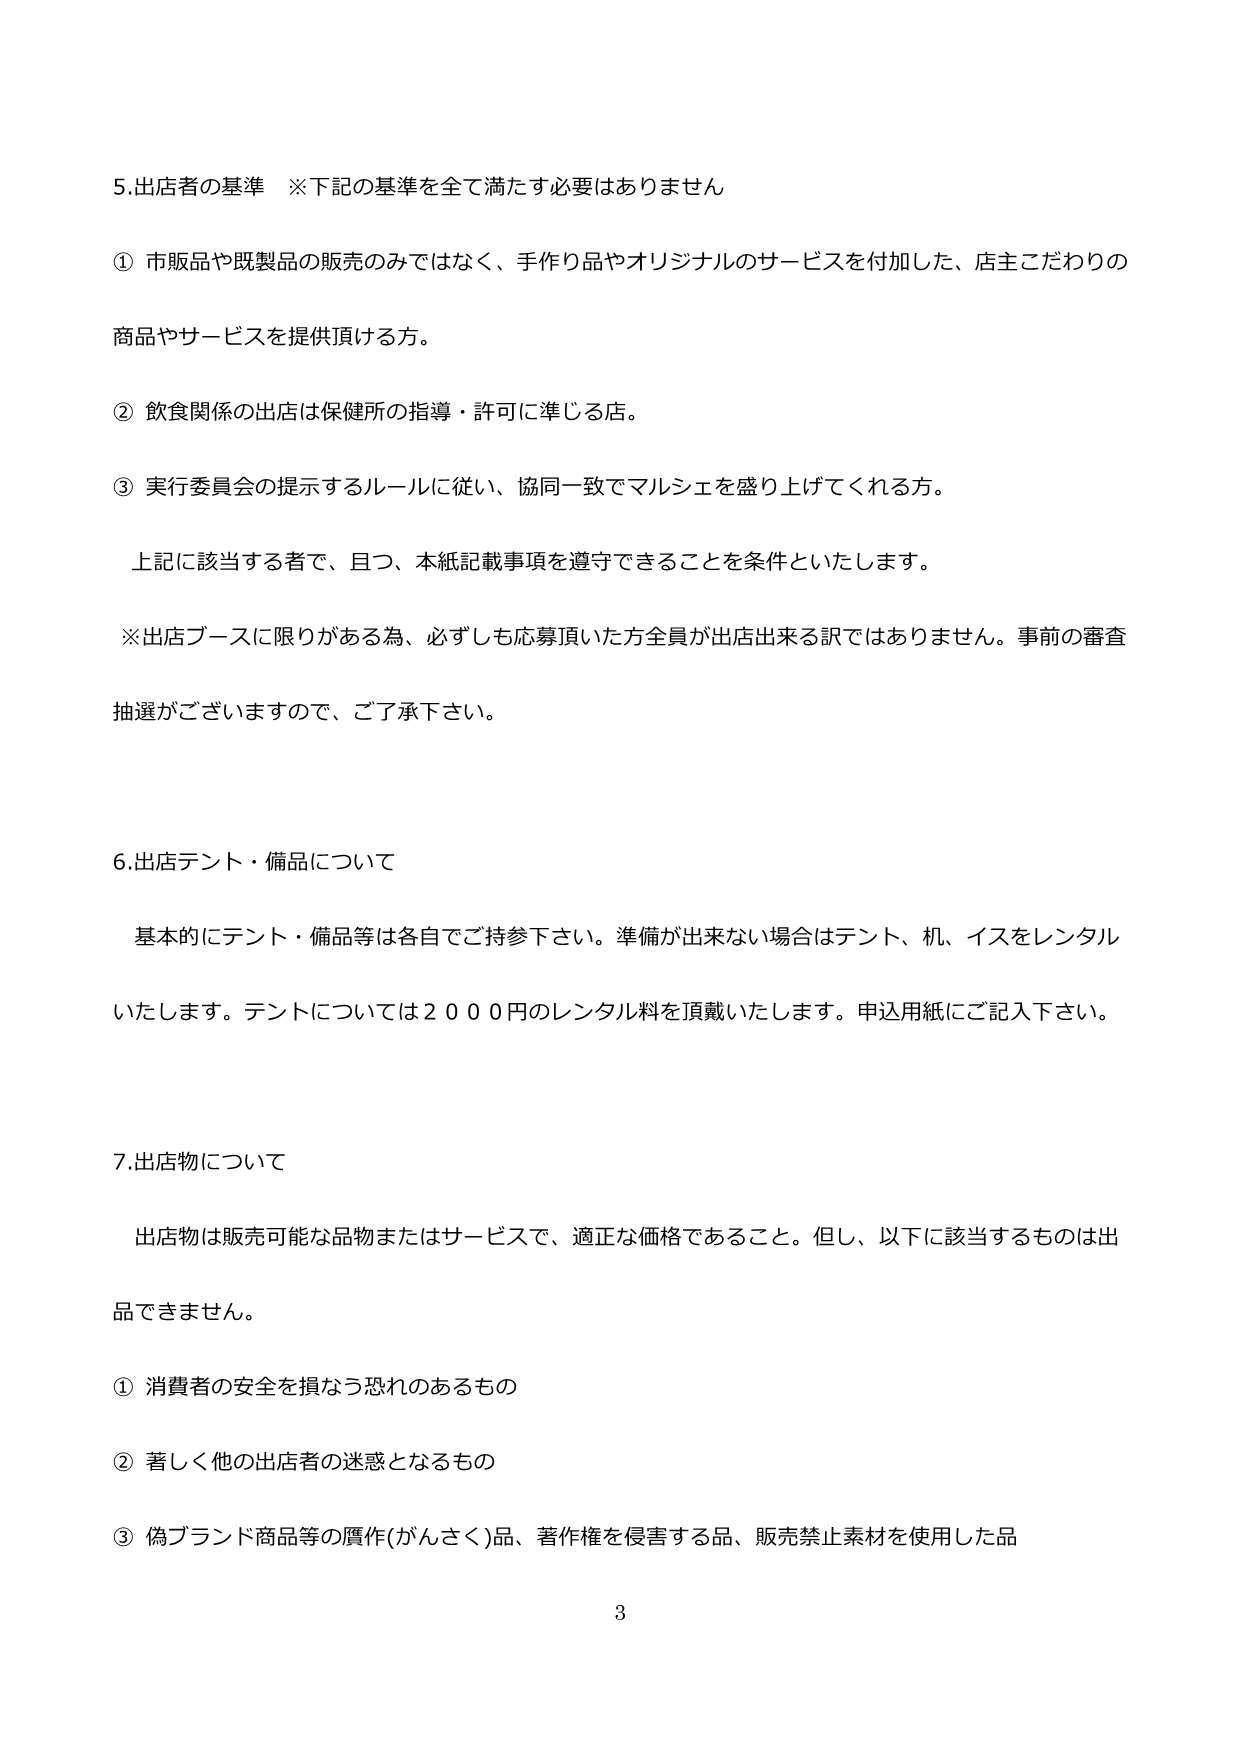 https://lixil-reformshop.jp/shop/SP00000487/marusyeyoukou_3.jpg